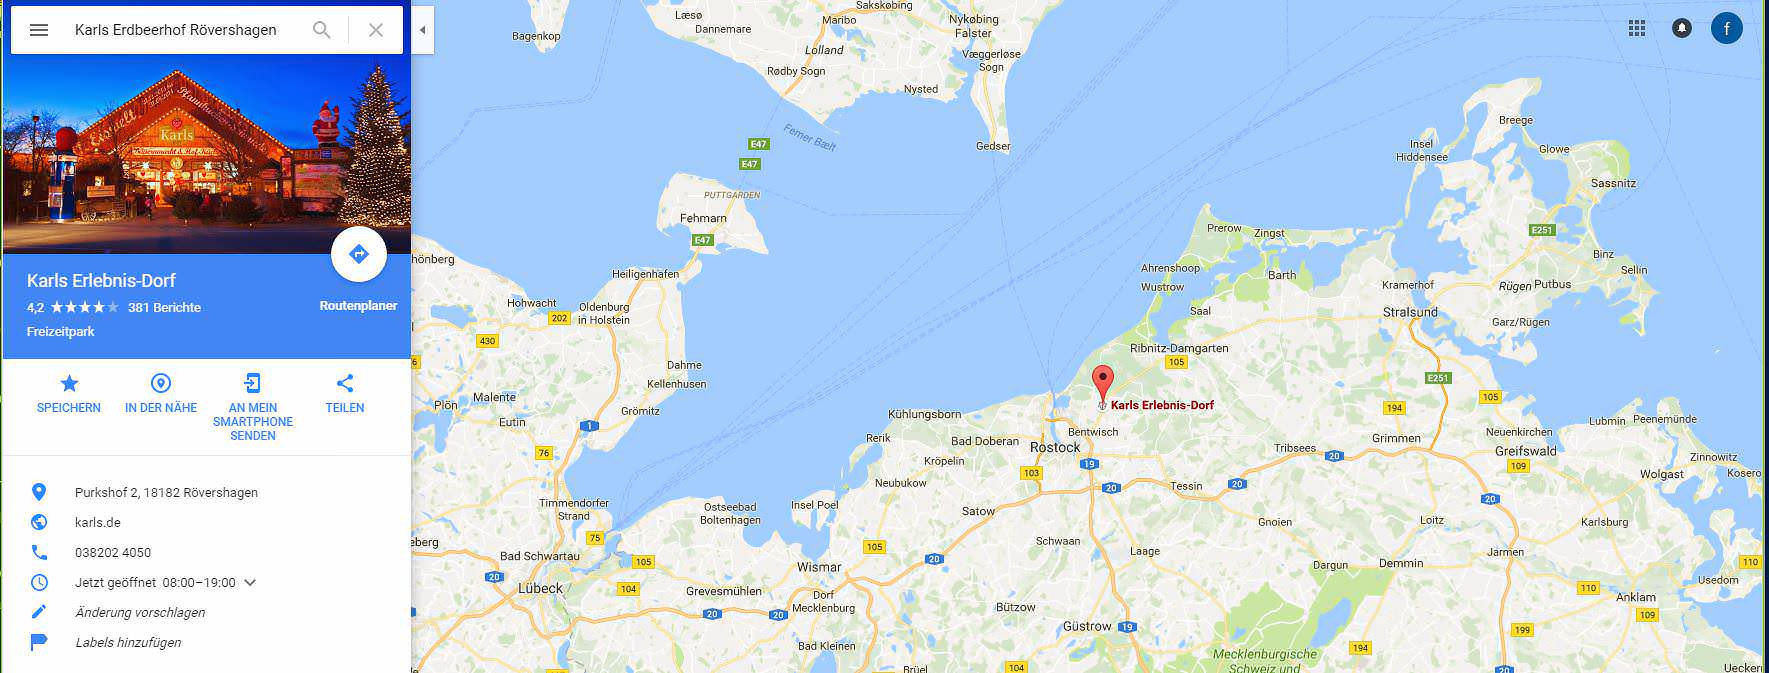 Karls Erdbeerhof Rövershagen Karte